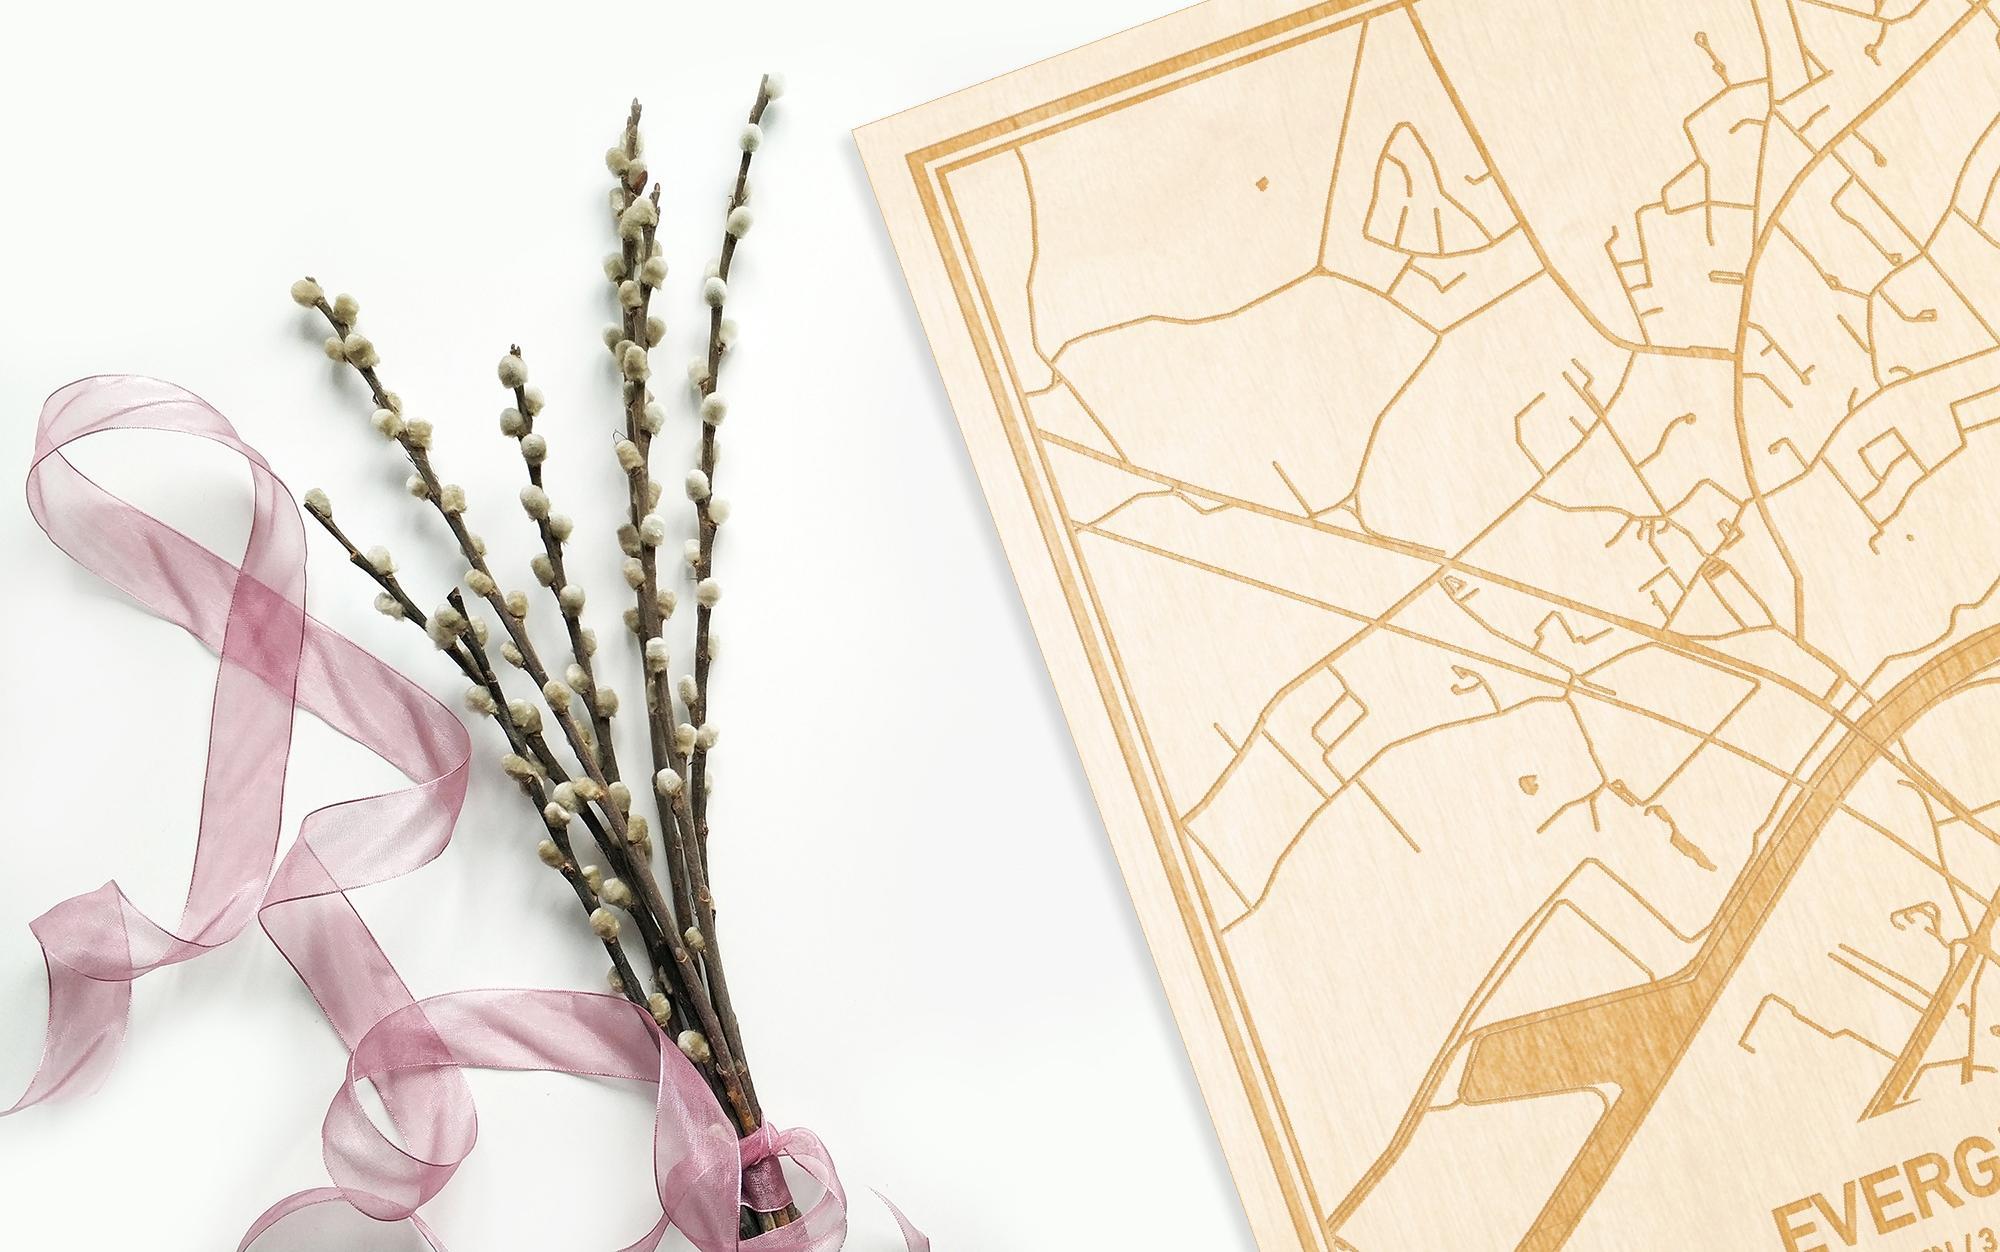 Hier ligt de houten plattegrond Evergem naast een bloemetje als gepersonaliseerd cadeau voor haar.